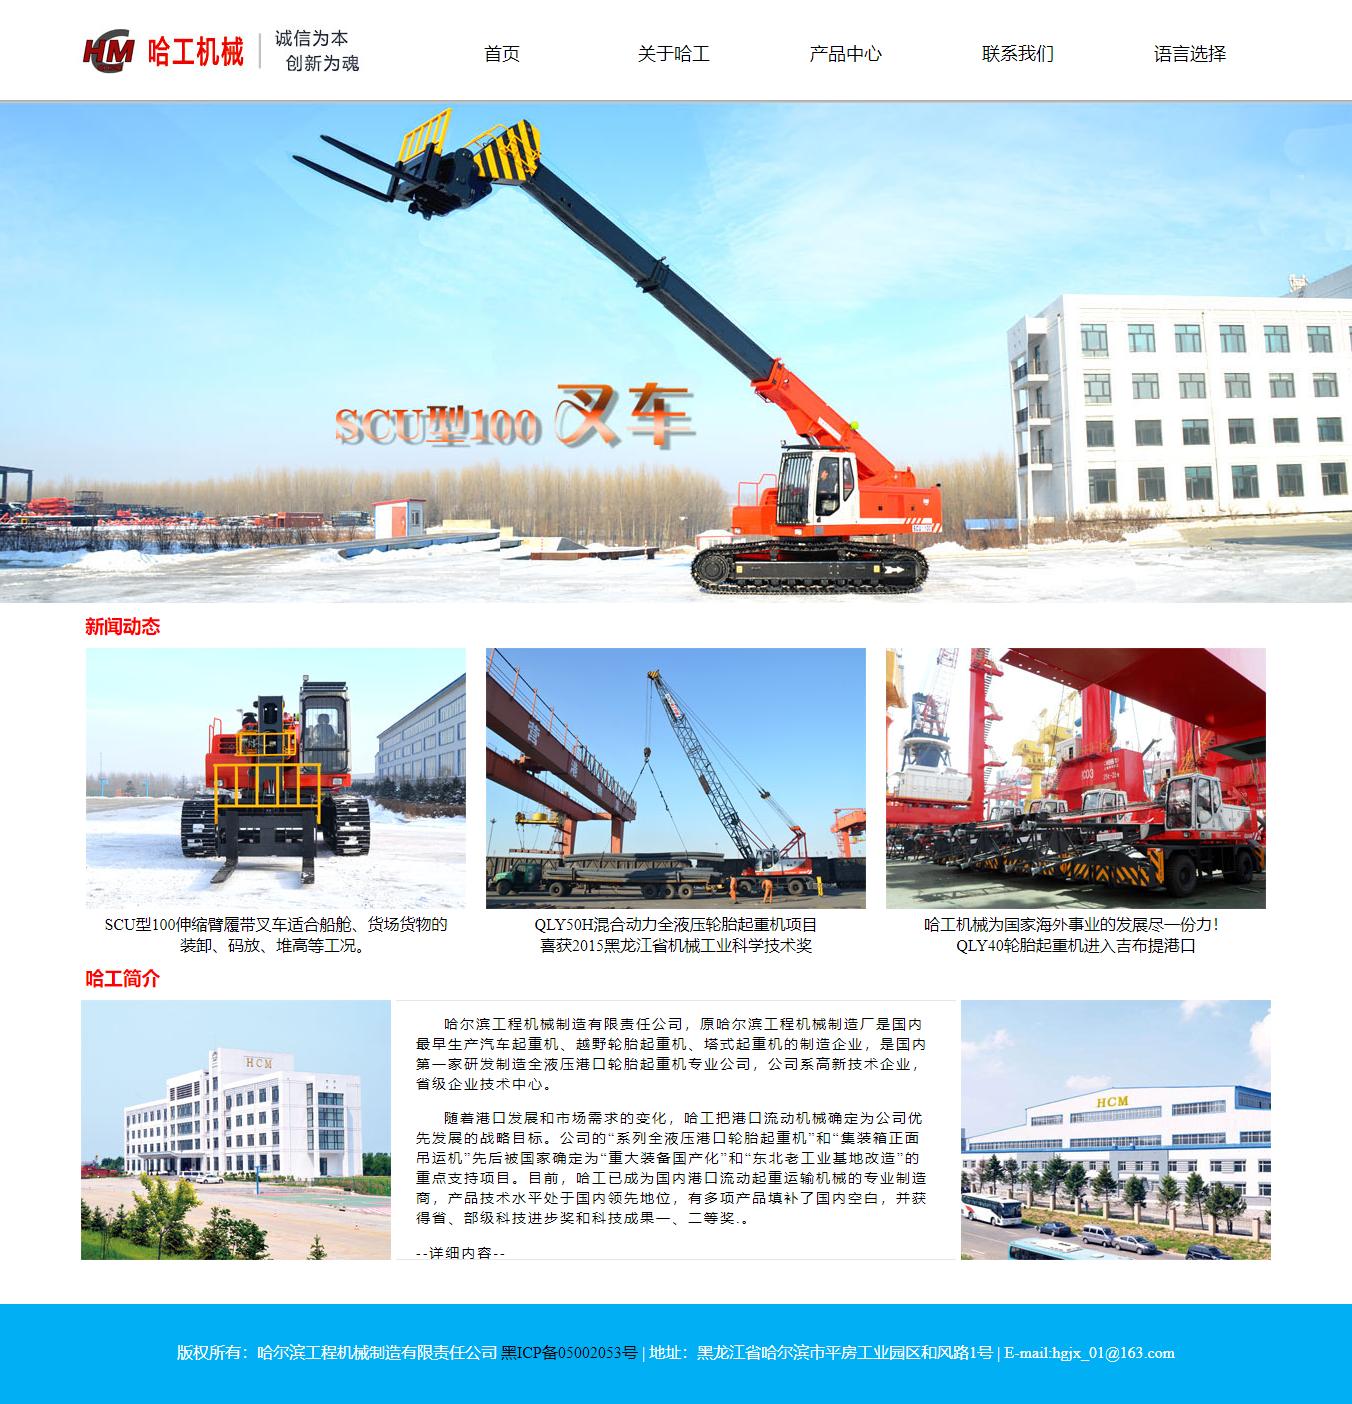 哈尔滨工程机械制造有限责任公司网站案例